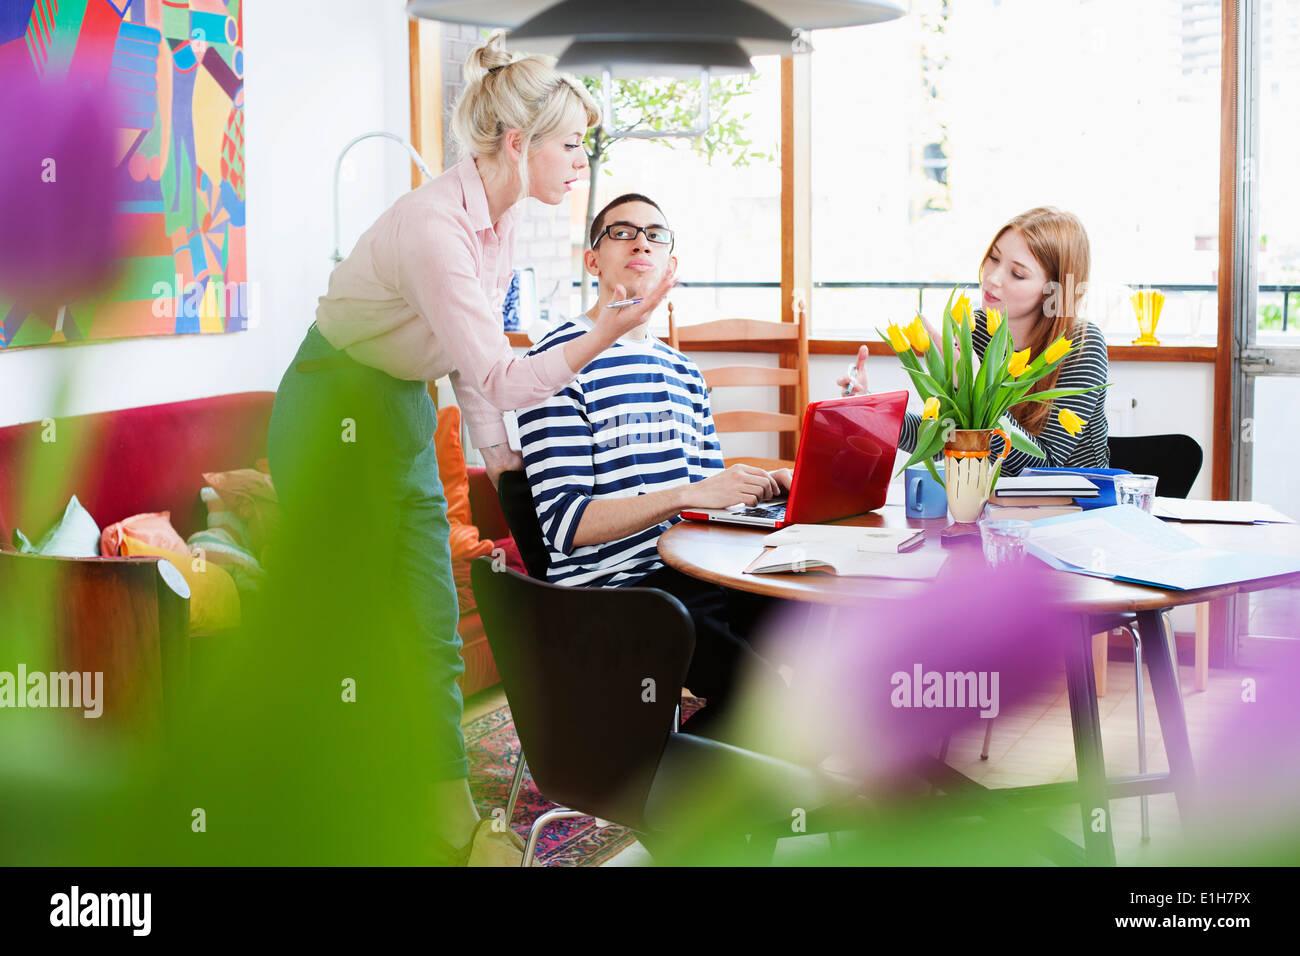 Los adultos jóvenes sentados en torno a una mesa estudiando Imagen De Stock